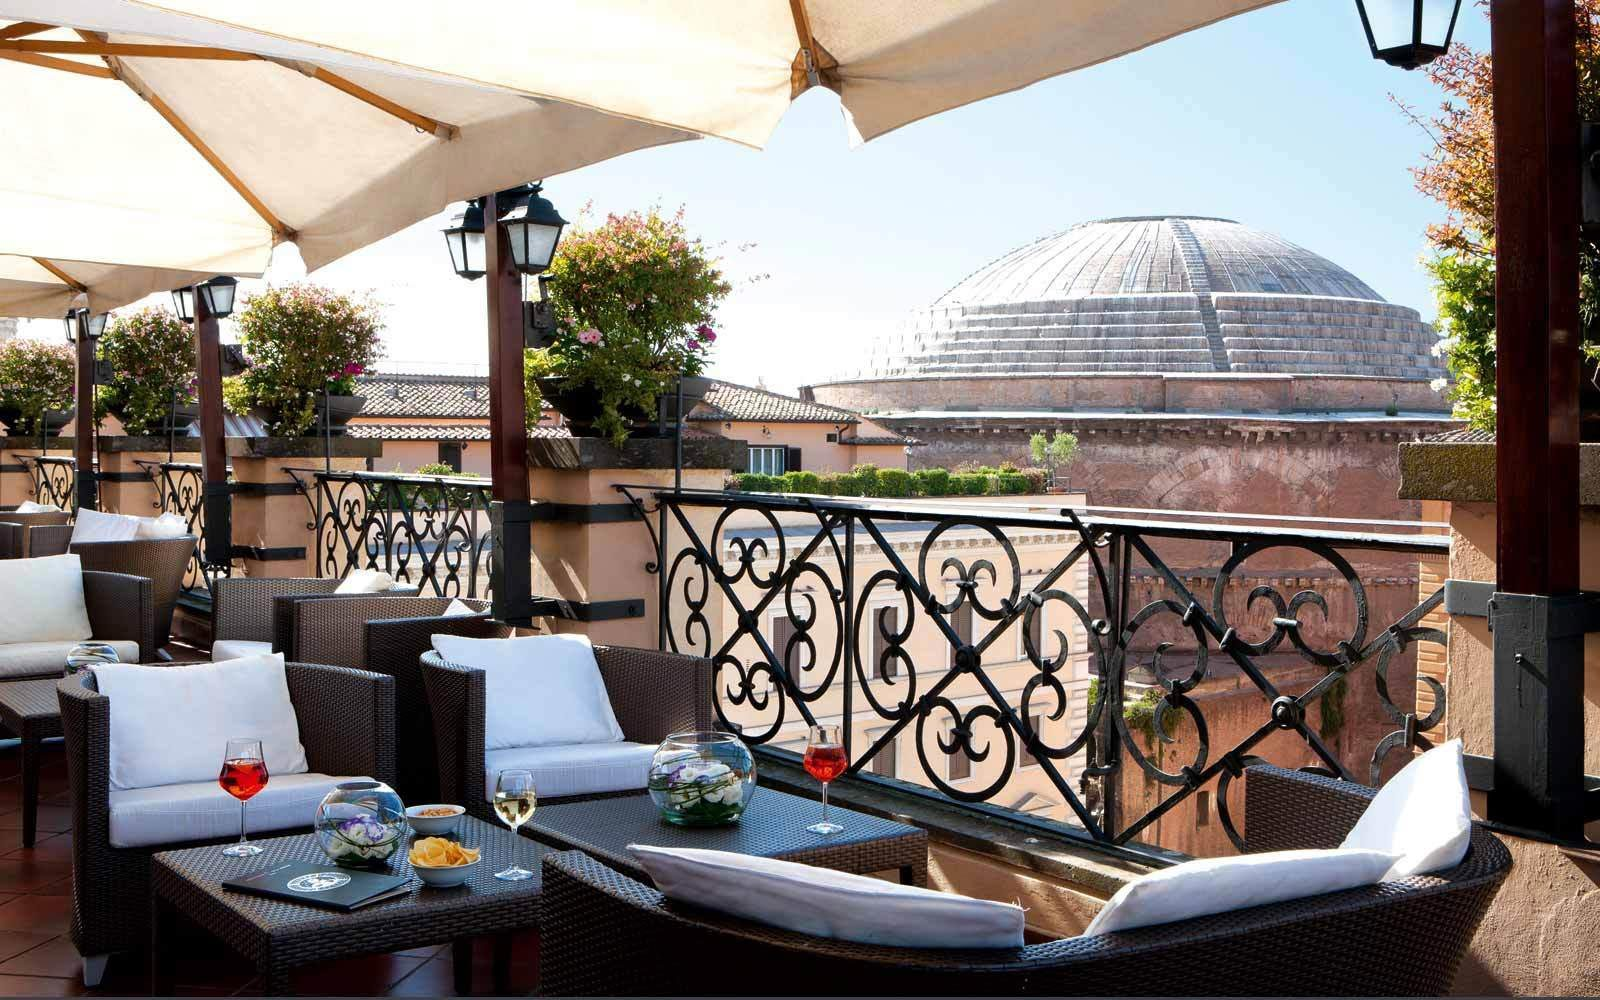 Hotel a Roma - Hotel 5 Stelle a Roma - Banchetti ed Eventi